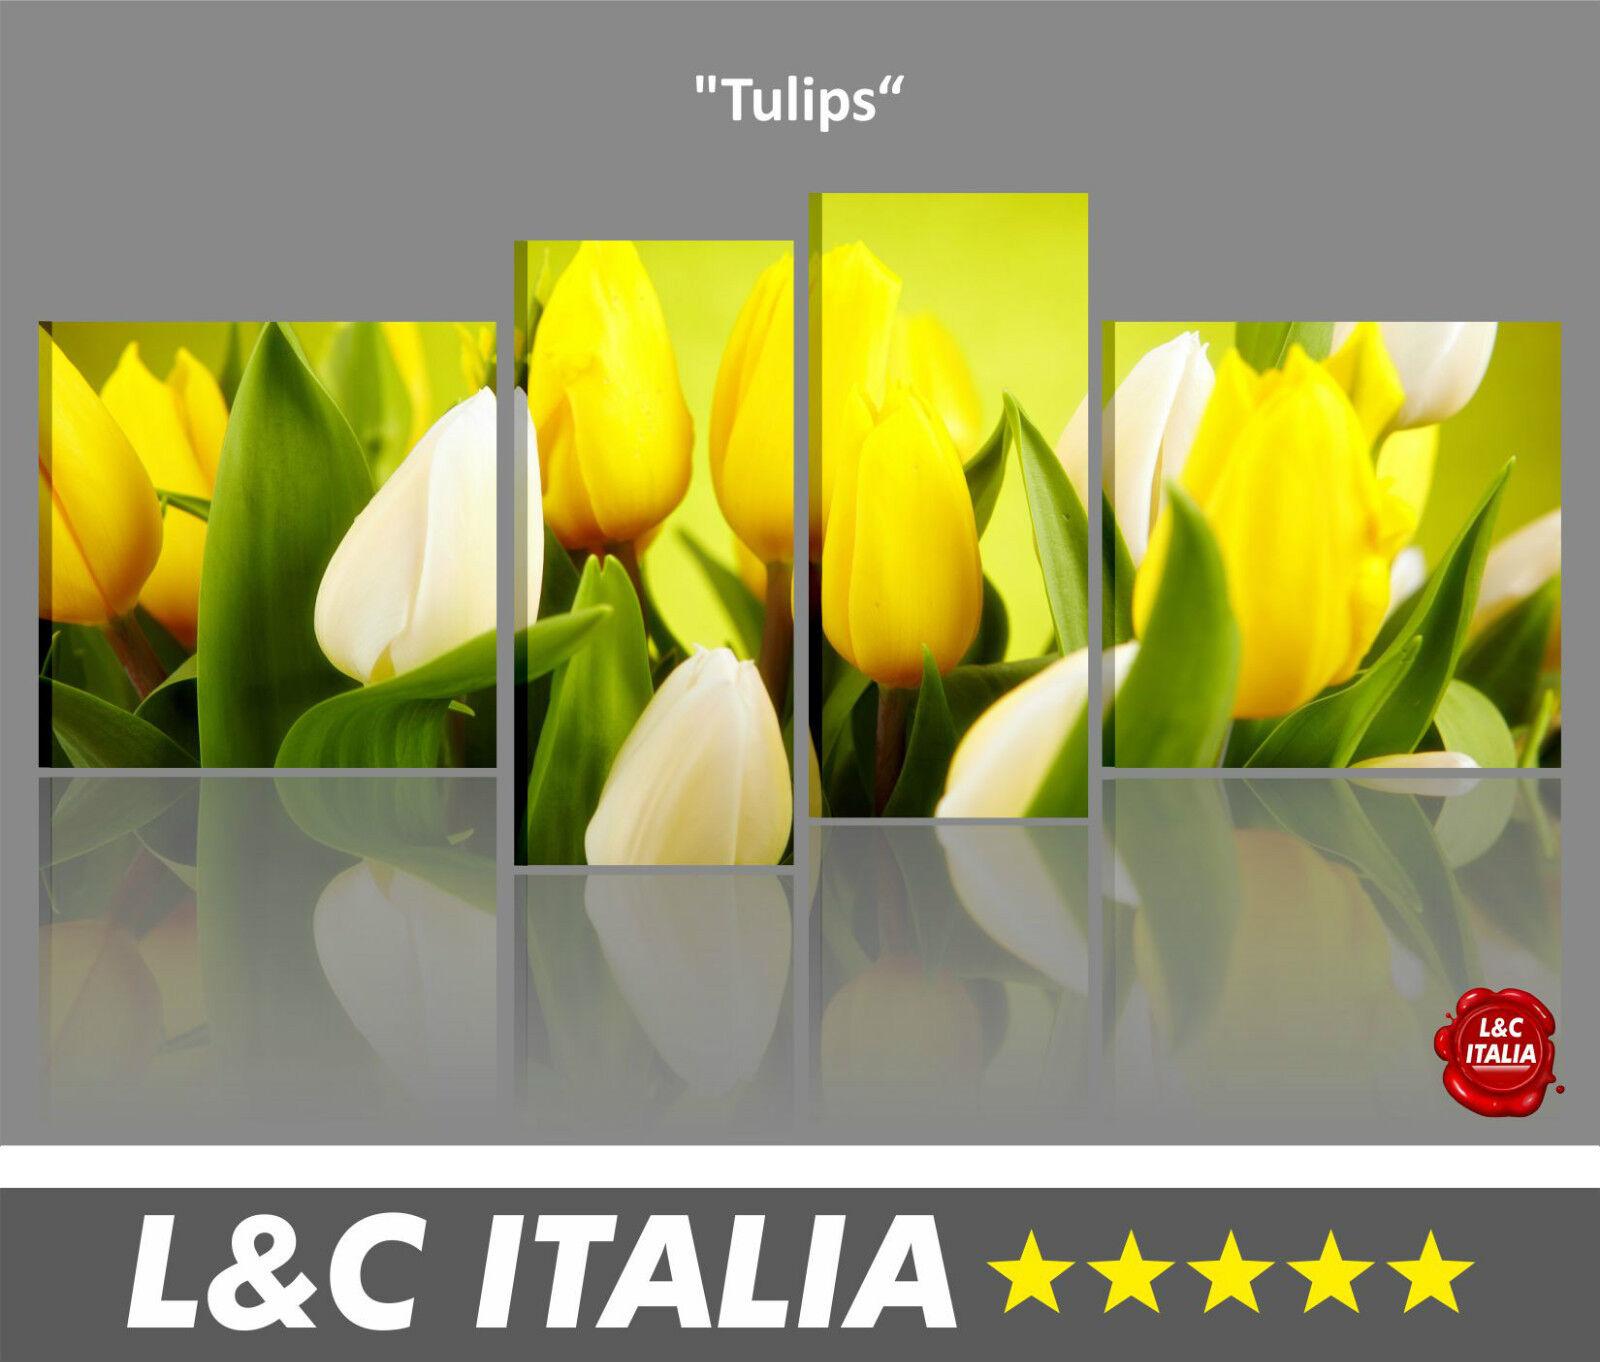 ASTRATTI PAESAGGI XXL MODERNI QUADRI 4 Tulips CASA ARrotO ...